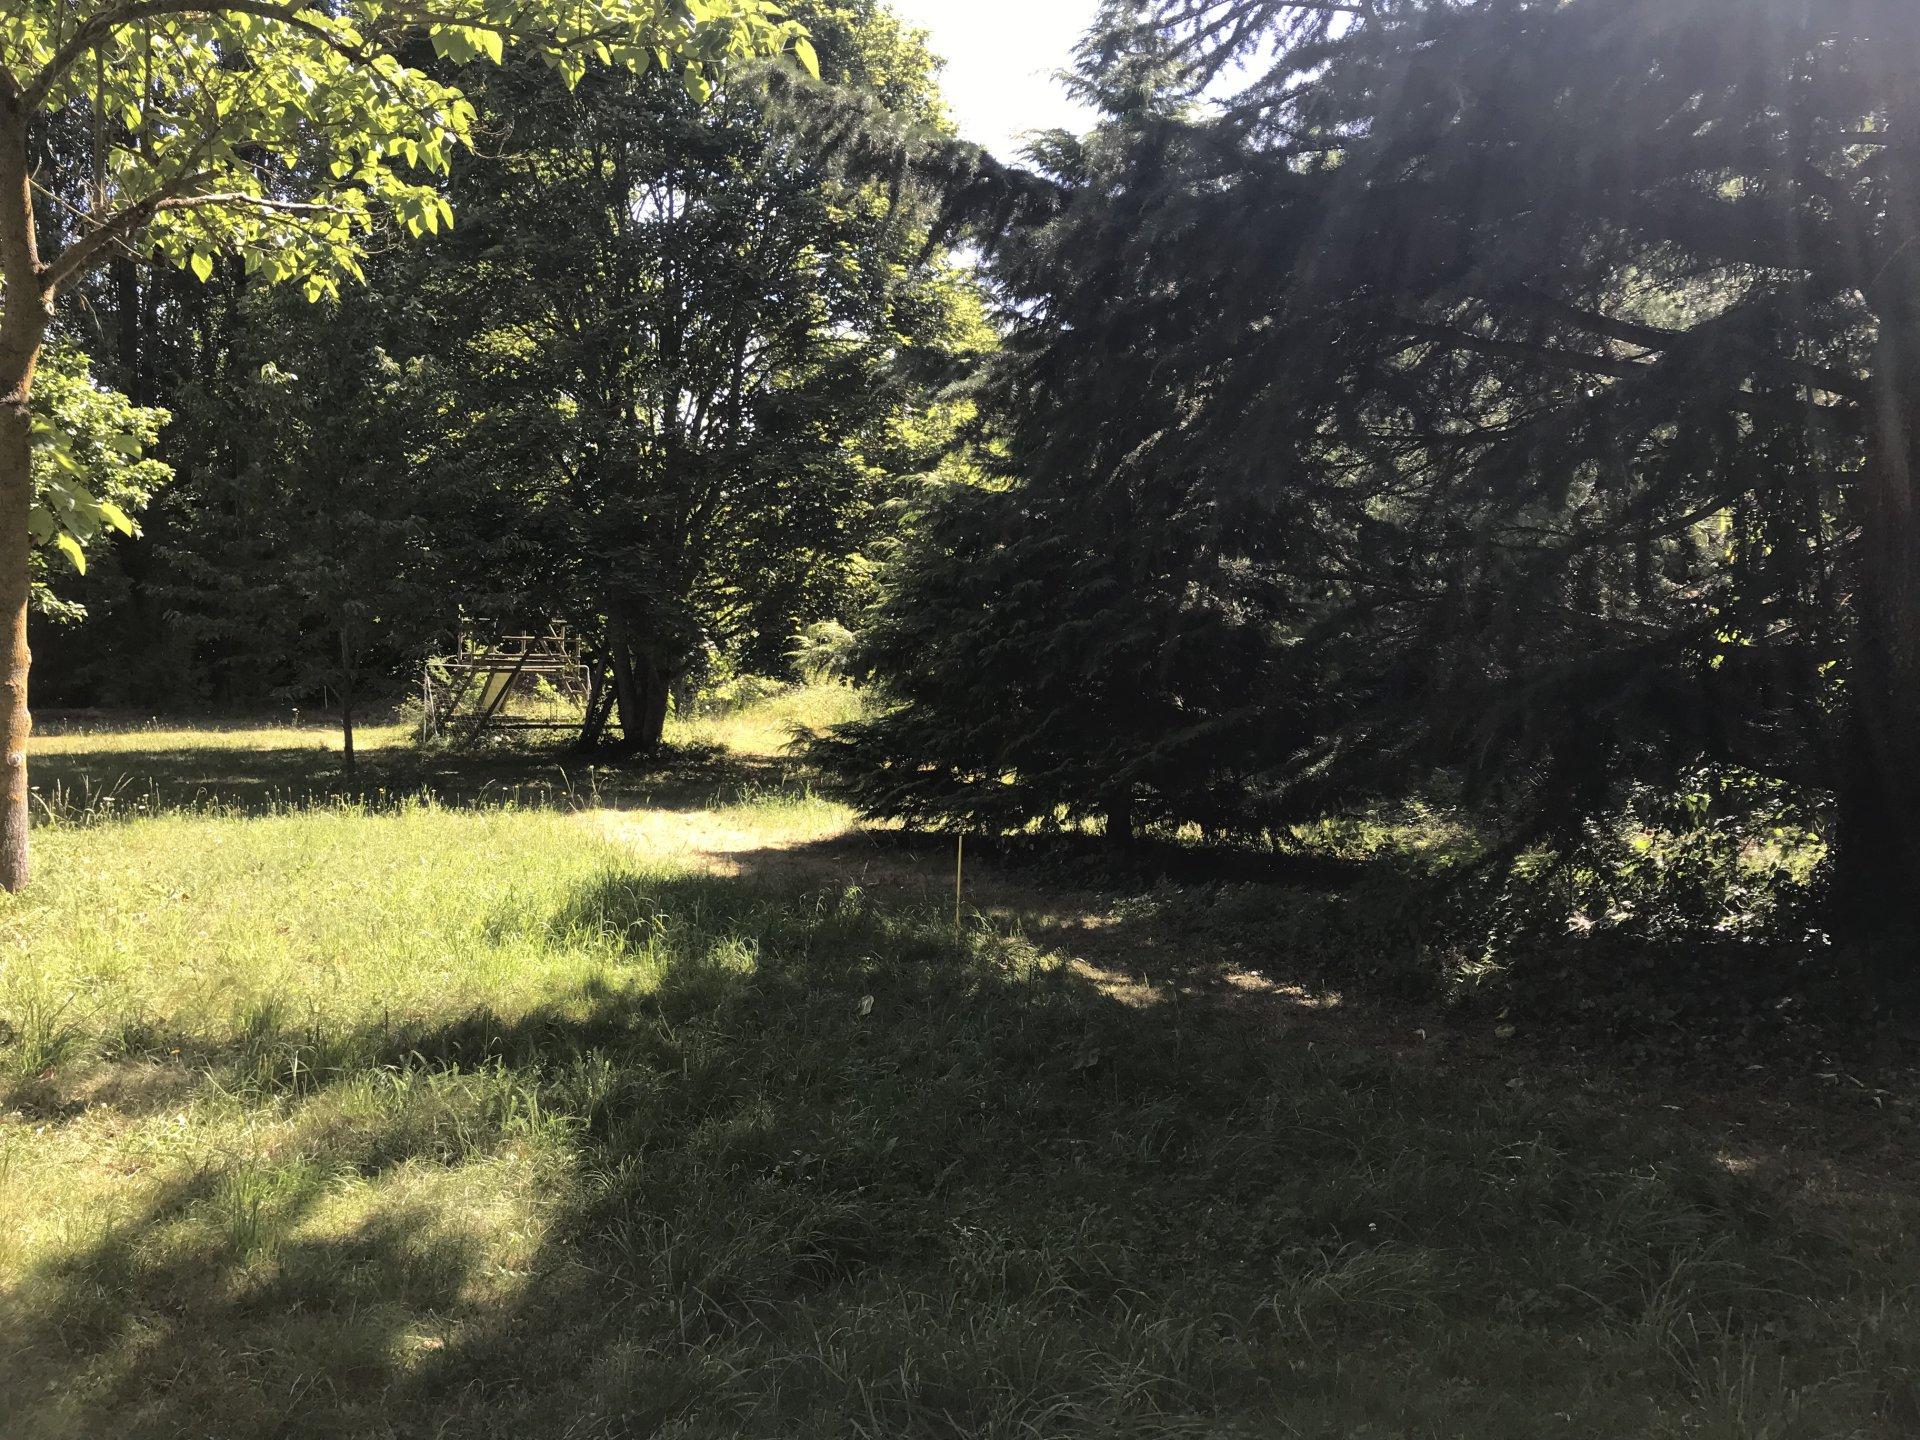 Vente Terrain constructible - Sainte-Gemme-Moronval